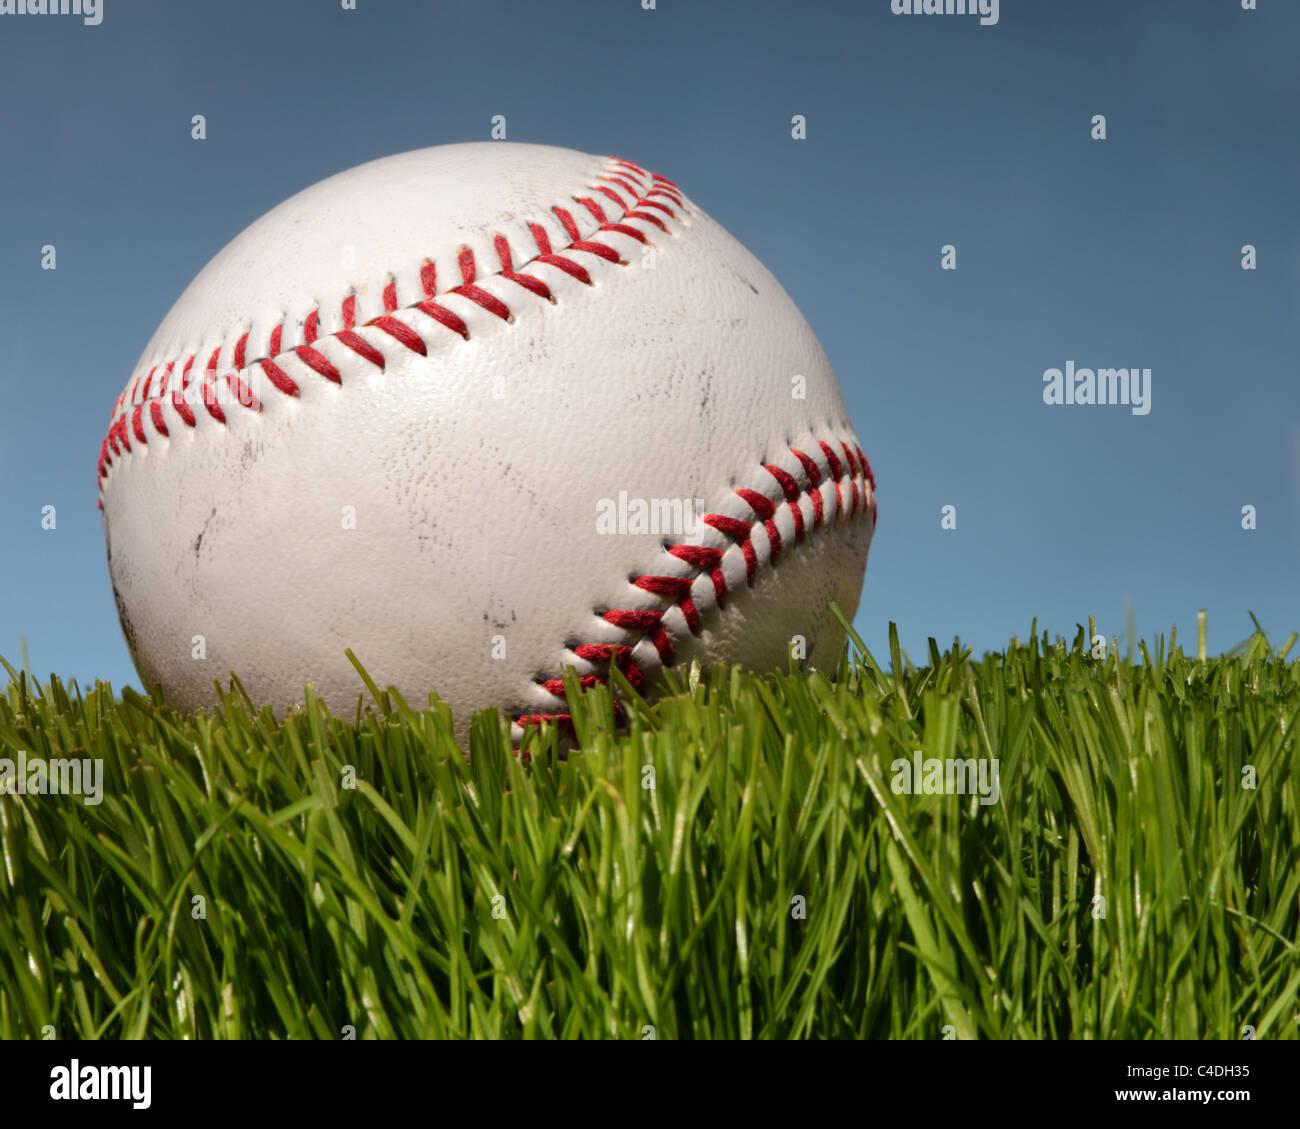 Le base-ball sur l'herbe verte avec ciel bleu derrière. Photo Stock